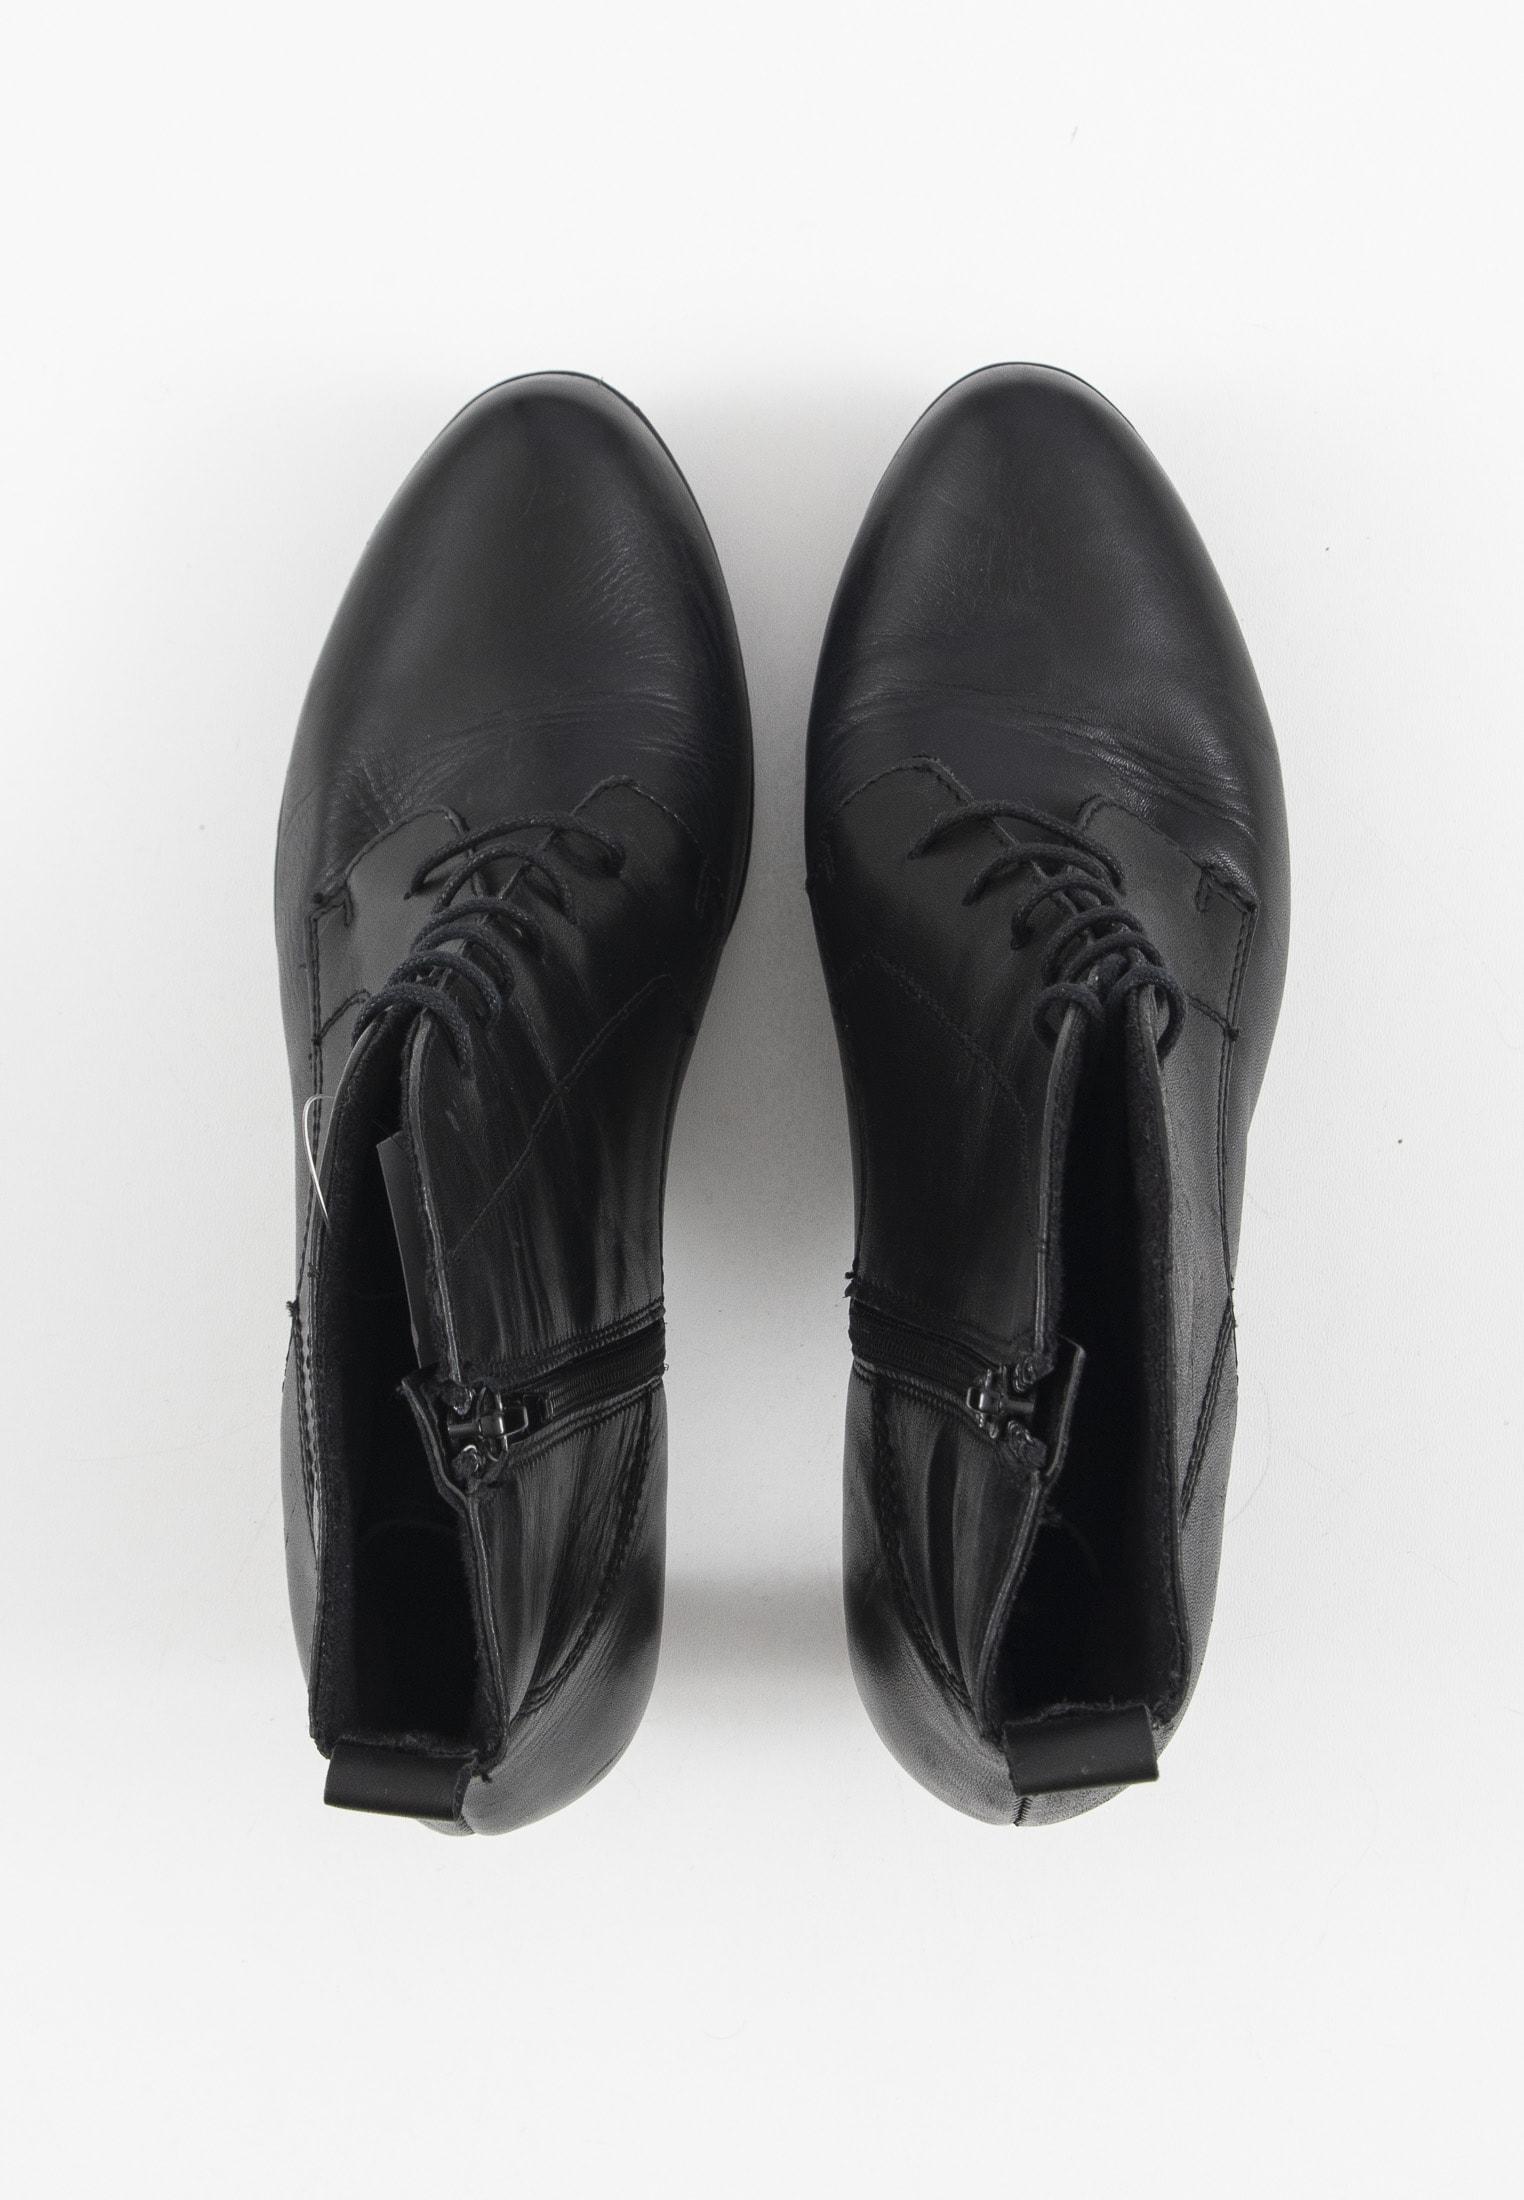 Tamaris Stiefel Stiefelette Boots Schwarz Gr.39